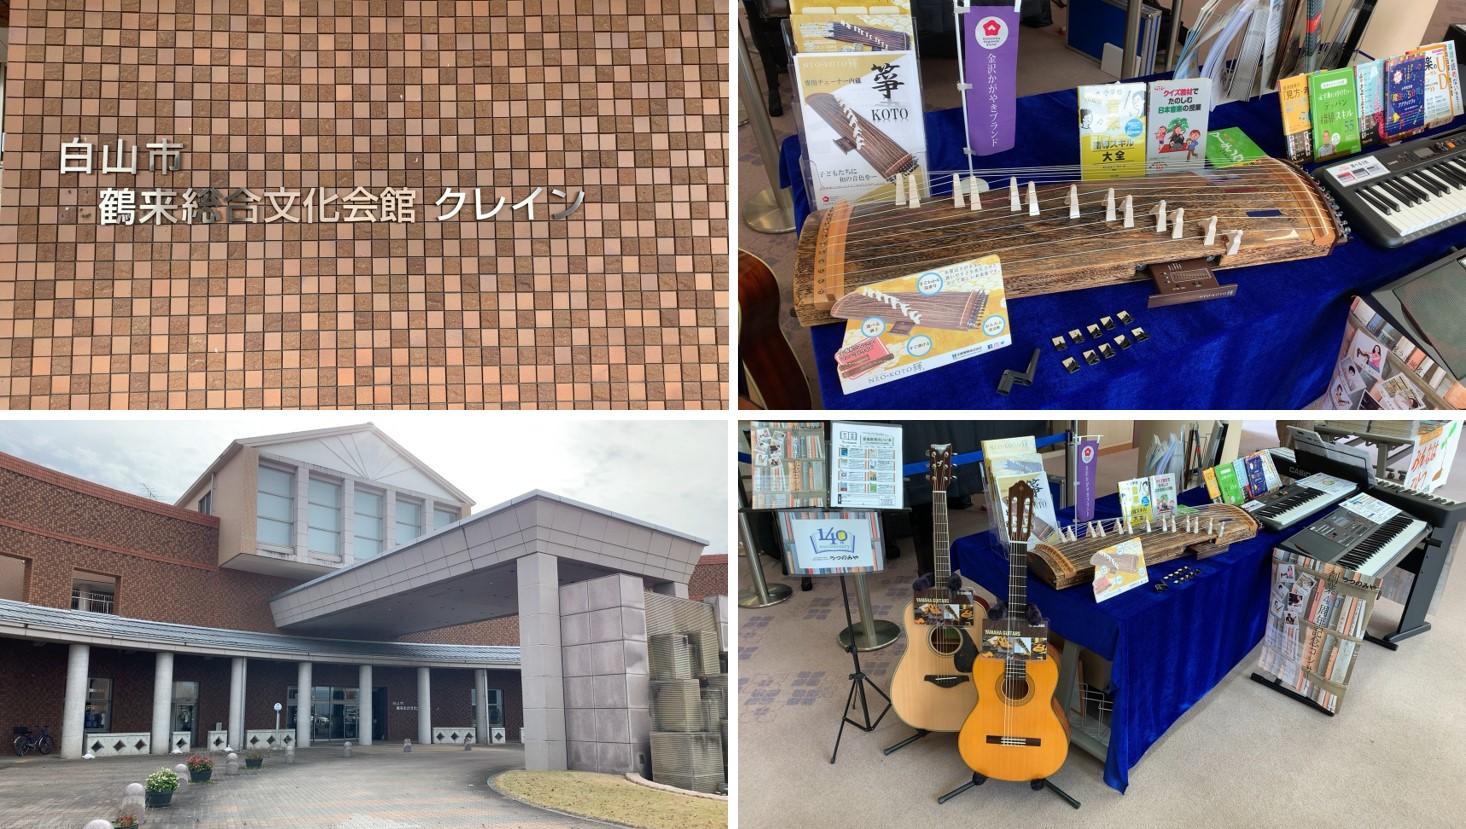 2019年11月22日:第32回石川県音楽教育研究大会 白山・野々市大会に出展